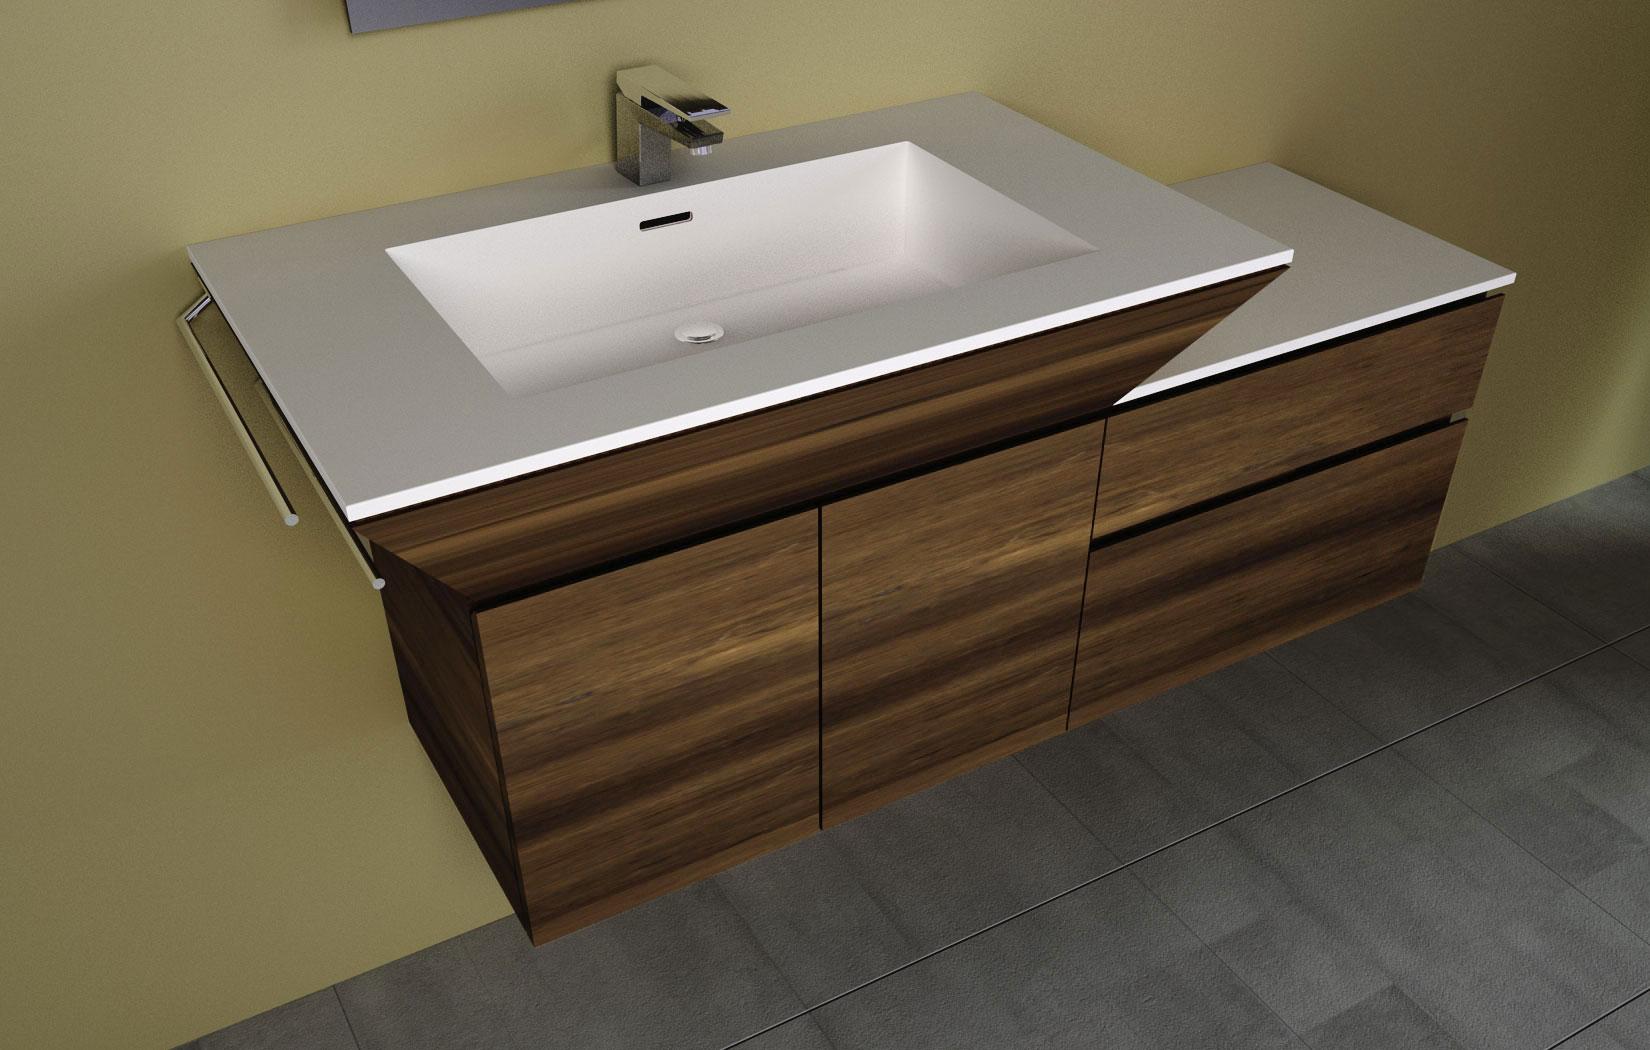 Lune design lavabo da bagno 39 refin 39 - Piani lavabo bagno ...